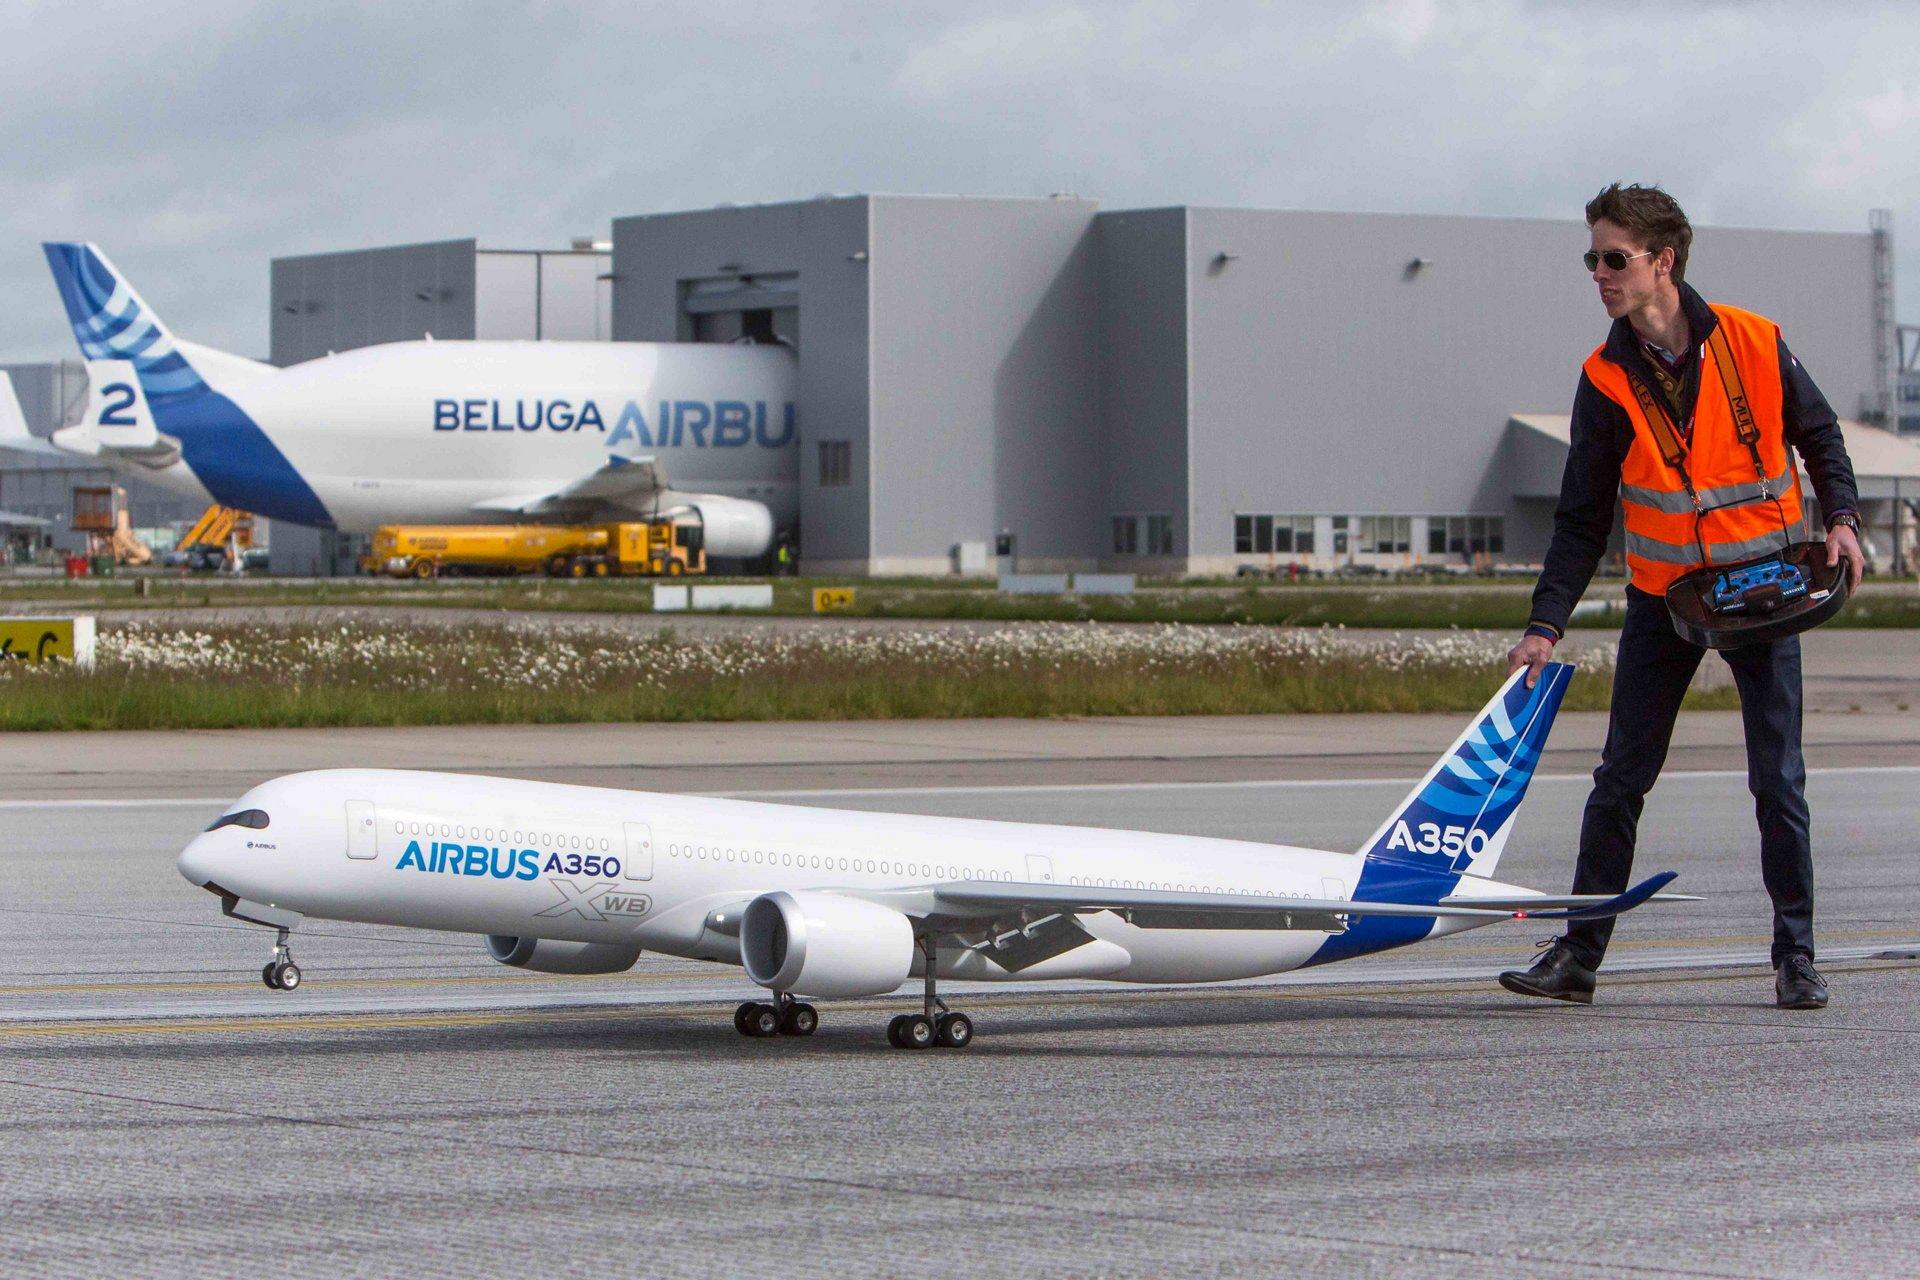 A350 XWB scale model first flight 4